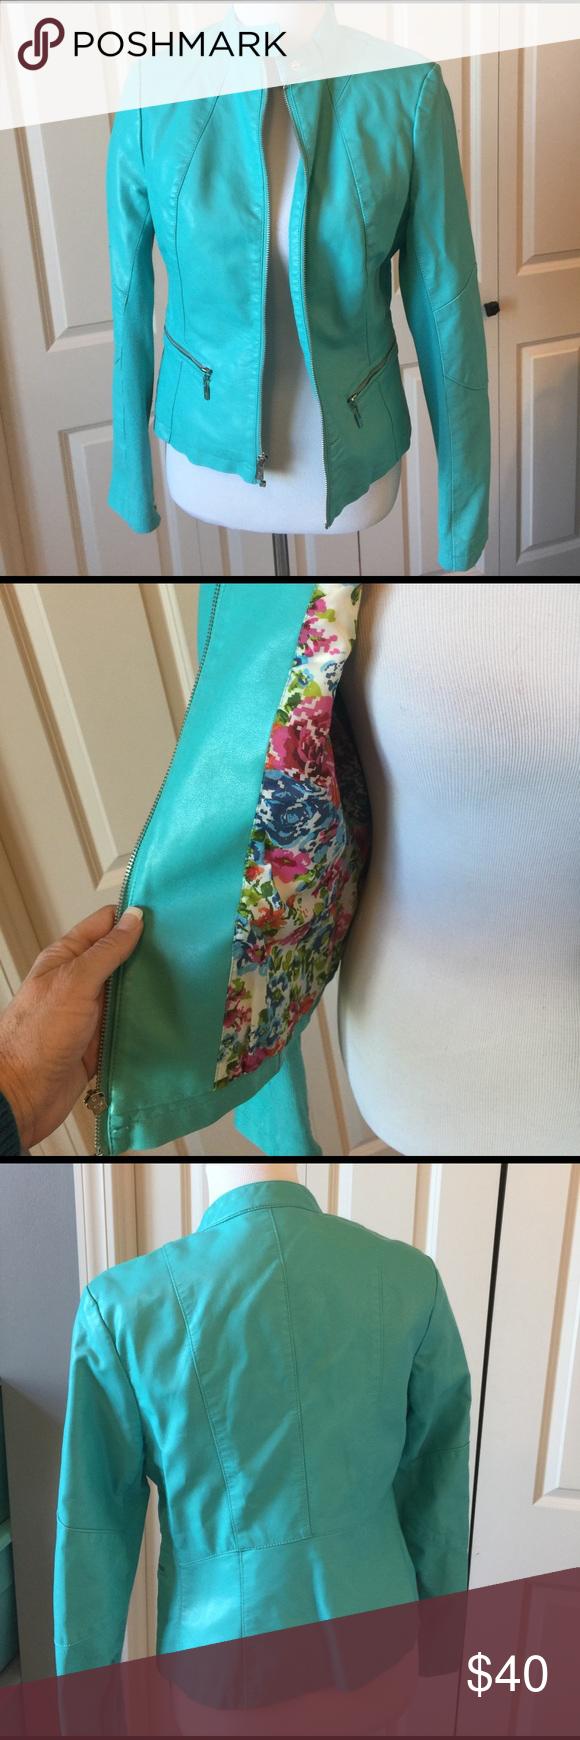 Turquoise jacket Fully lined. 100% polyurethane lining 100% polyester. TS Black Rivet Jackets & Coats